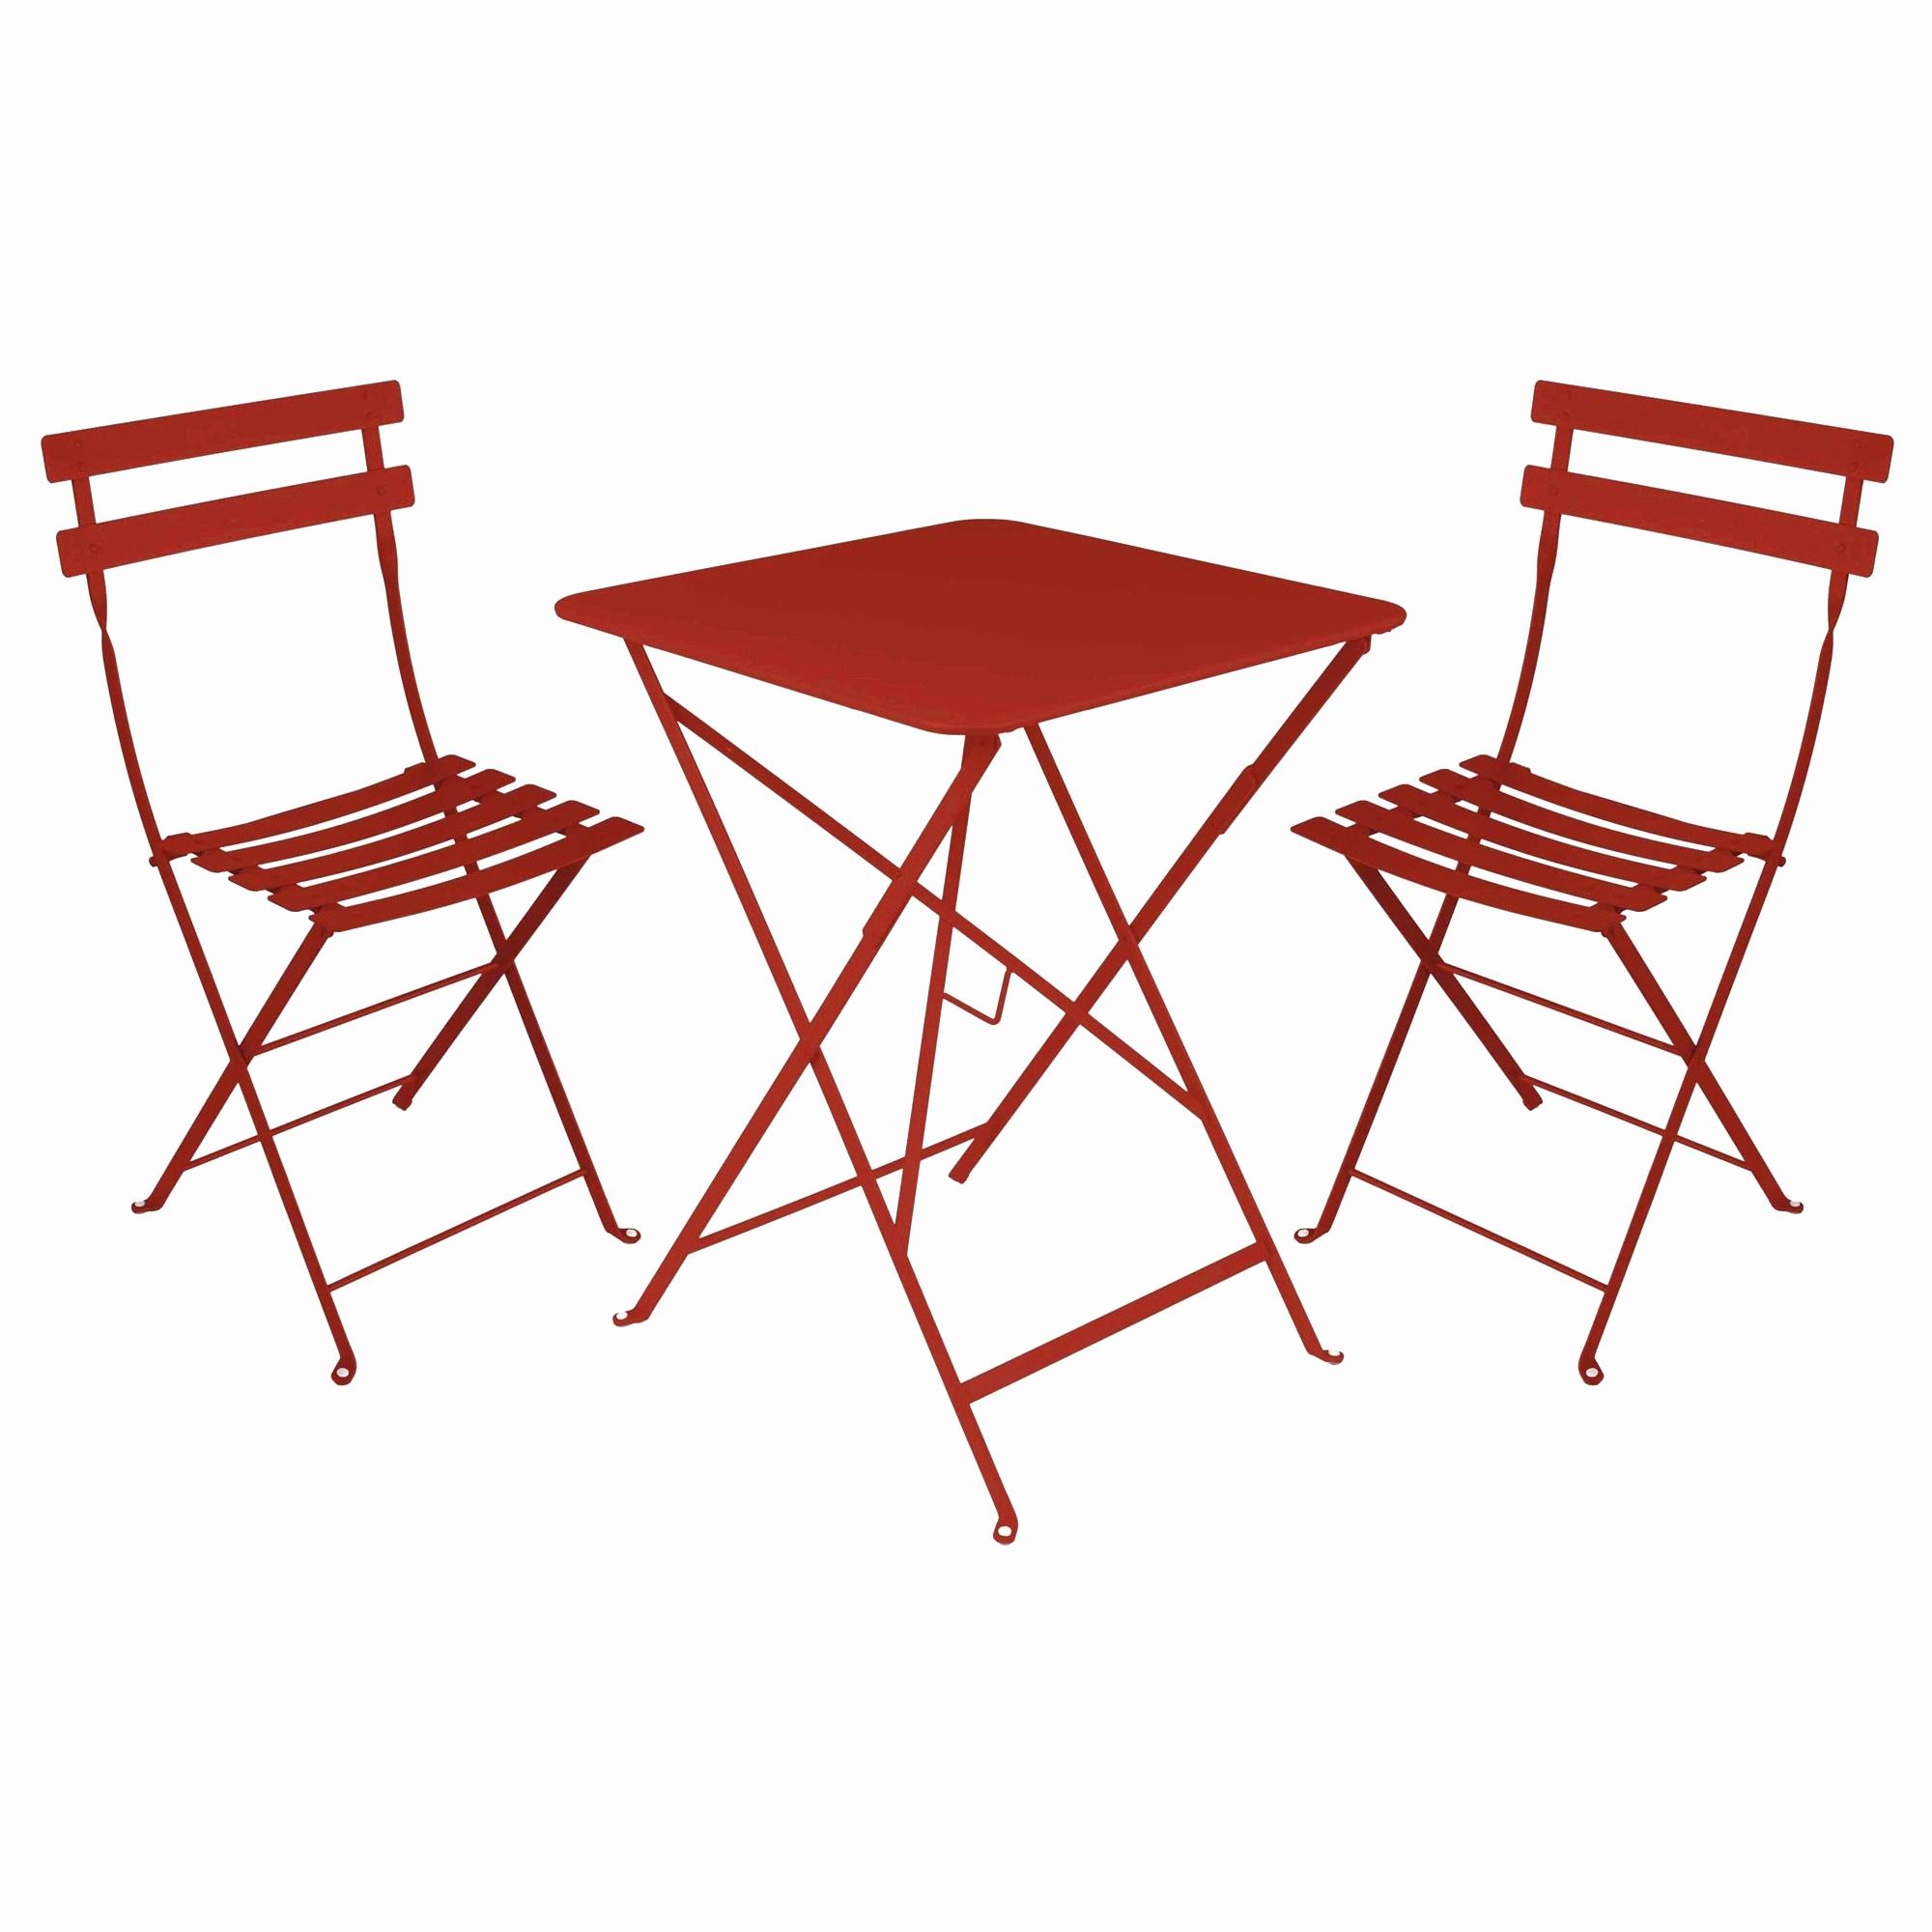 classy galerie de but chaise pliante unique chaise jardin pas cher inspirant fauteuil salon de jardin meilleur of classy galerie de but chaise pliante